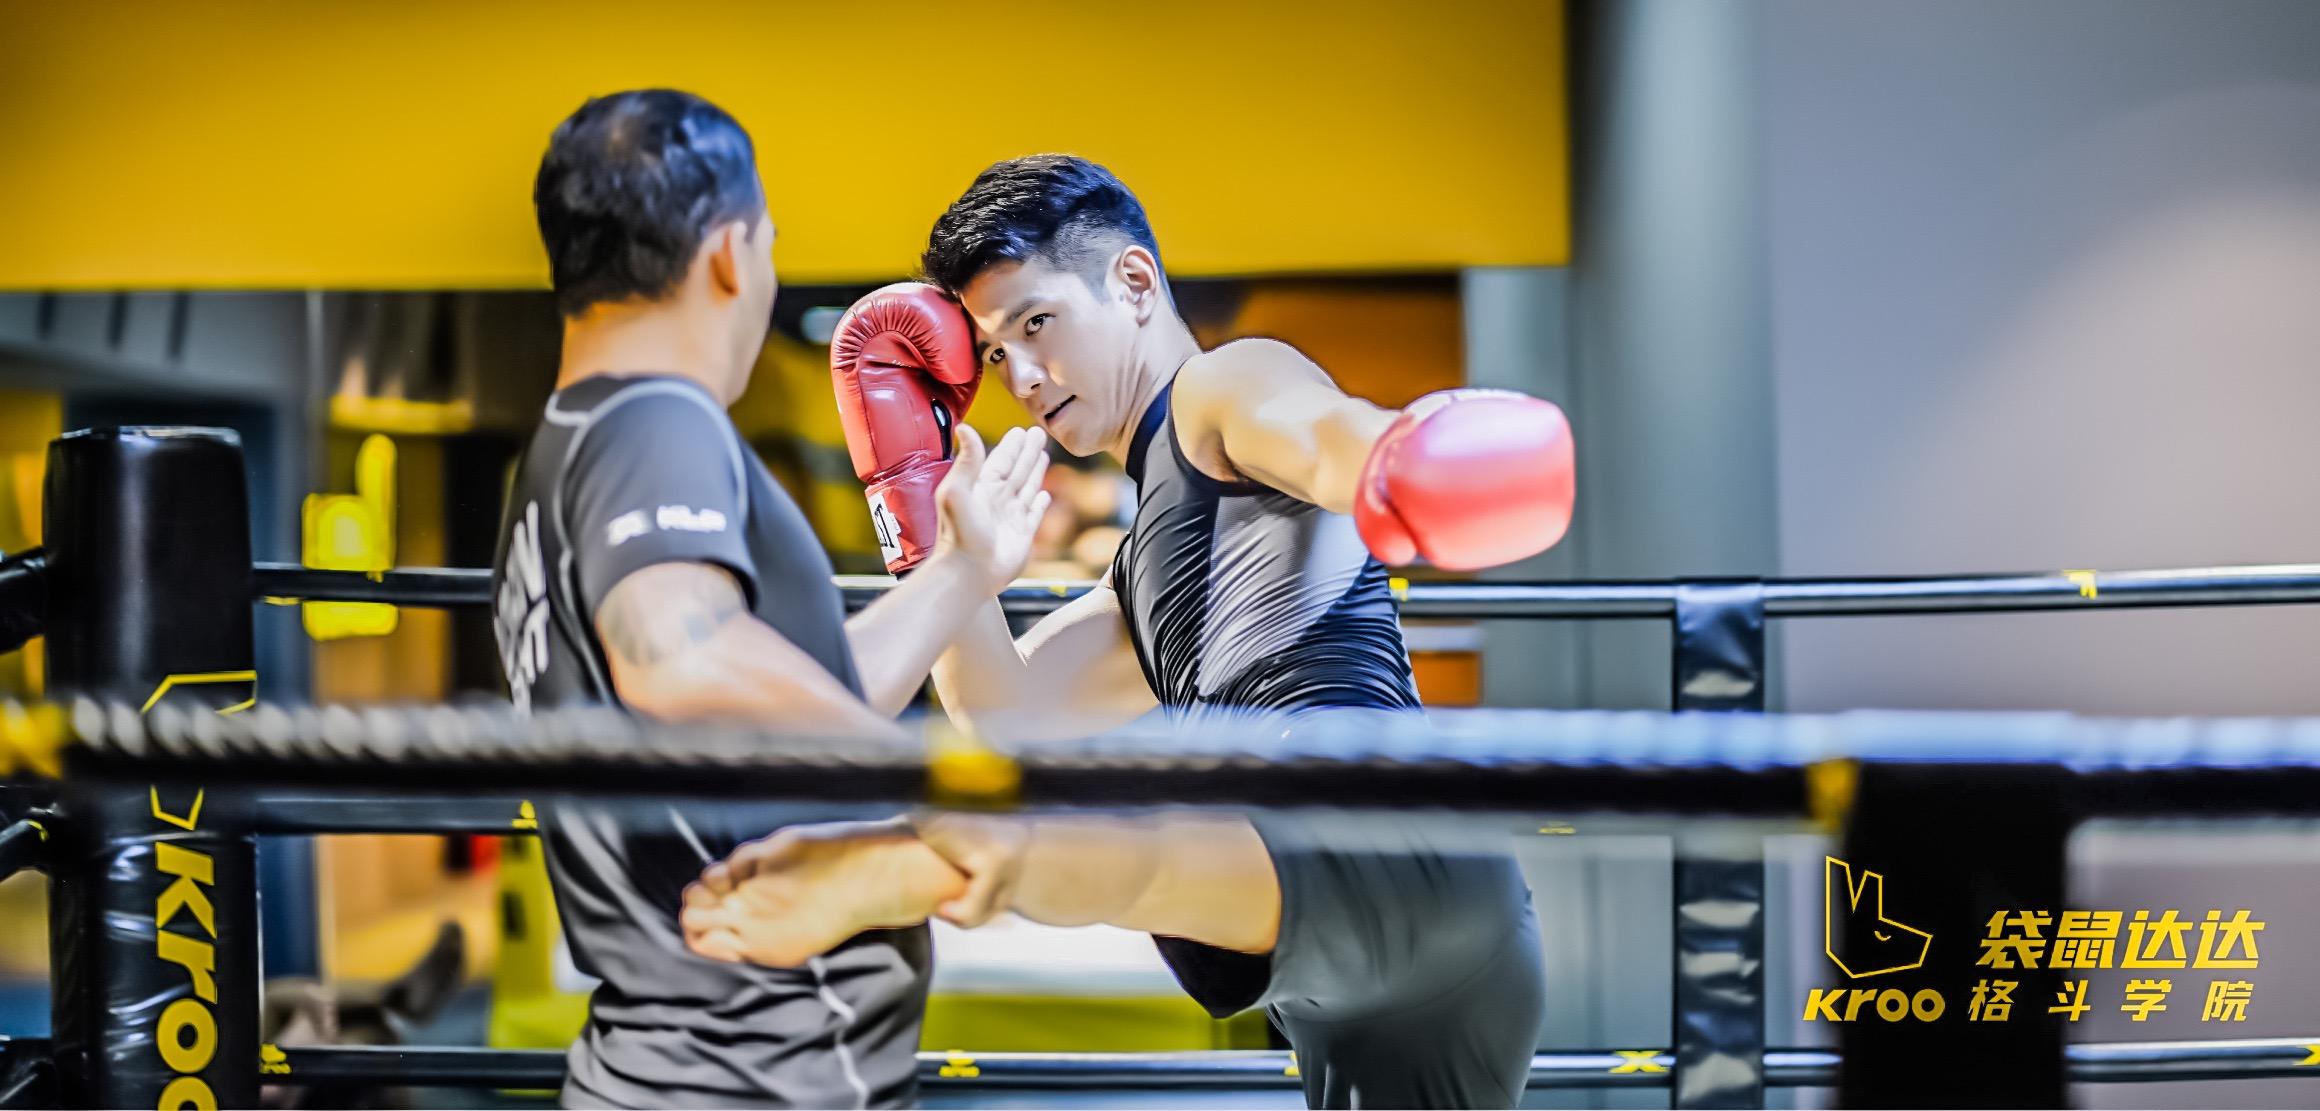 ▲拳擊與足球是祖雄最愛的運動項目。